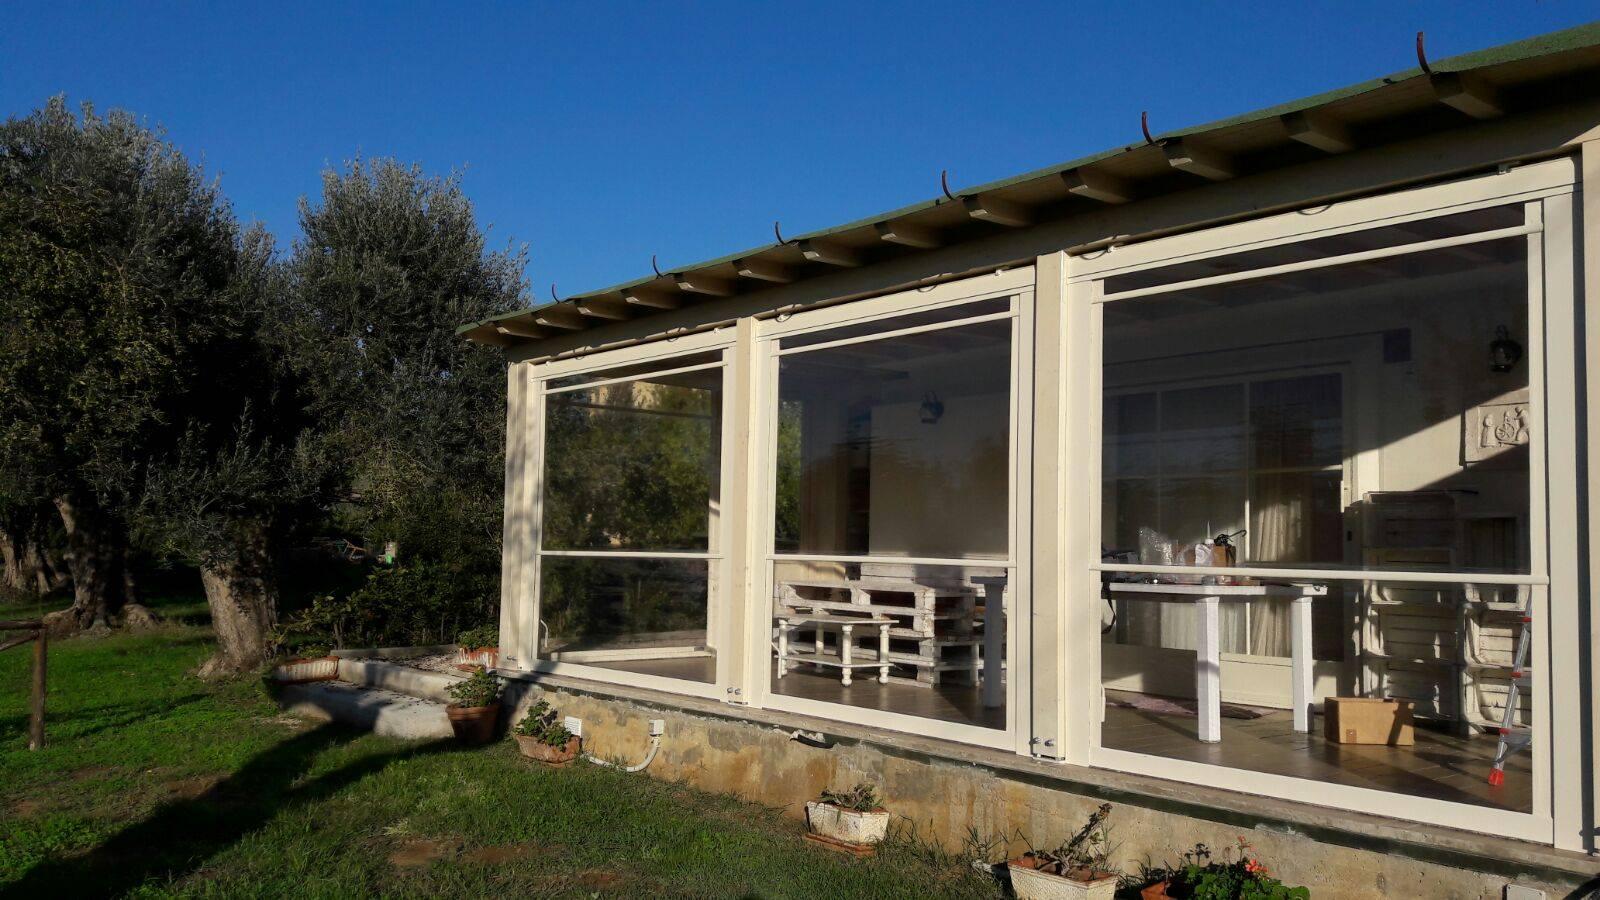 In questo 2021 ci sono molte novità per quanto riguarda le tende da sole roma che vadano a essere utili anche per riuscire a garantire una buona protezione del sole, ma che siano molto belle da vedere. Tende Antivento E Antipioggia Ideali Per Chiudere I Tuoi Spazi Esterni Gani